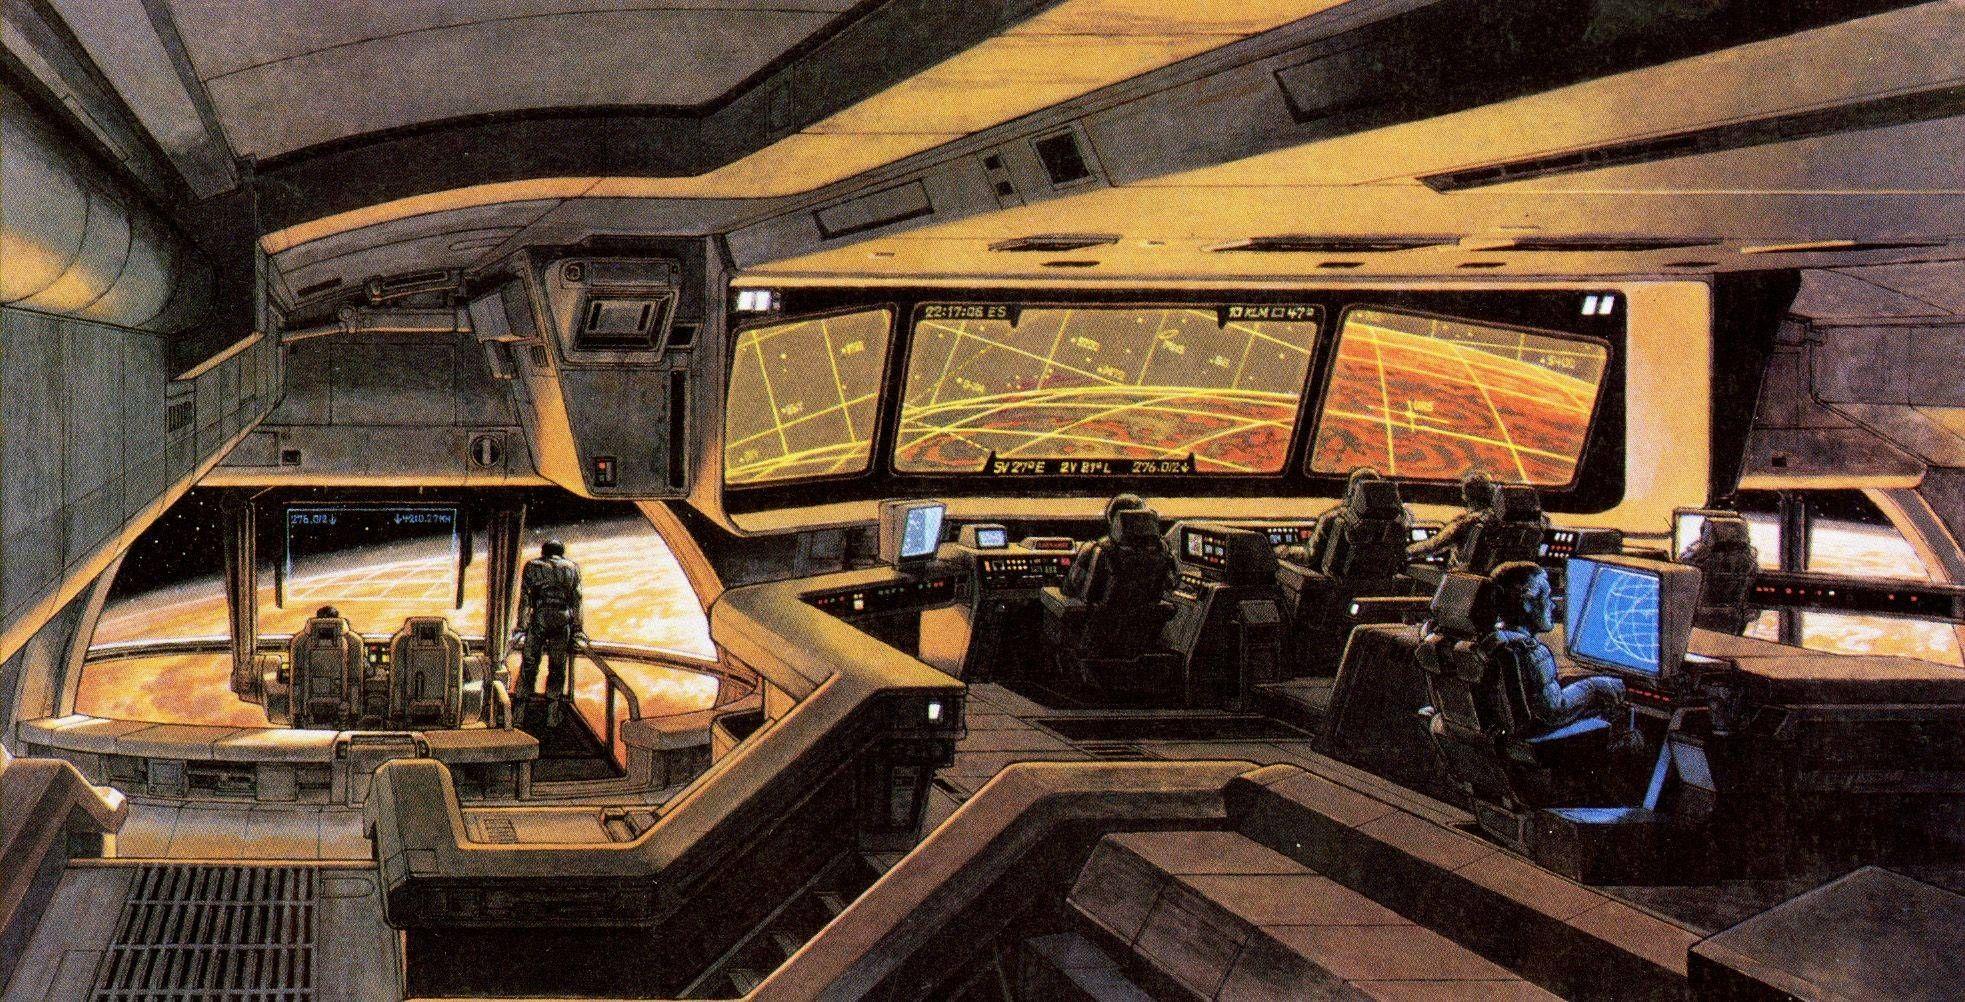 single person bridge sci fi spacecraft - photo #18